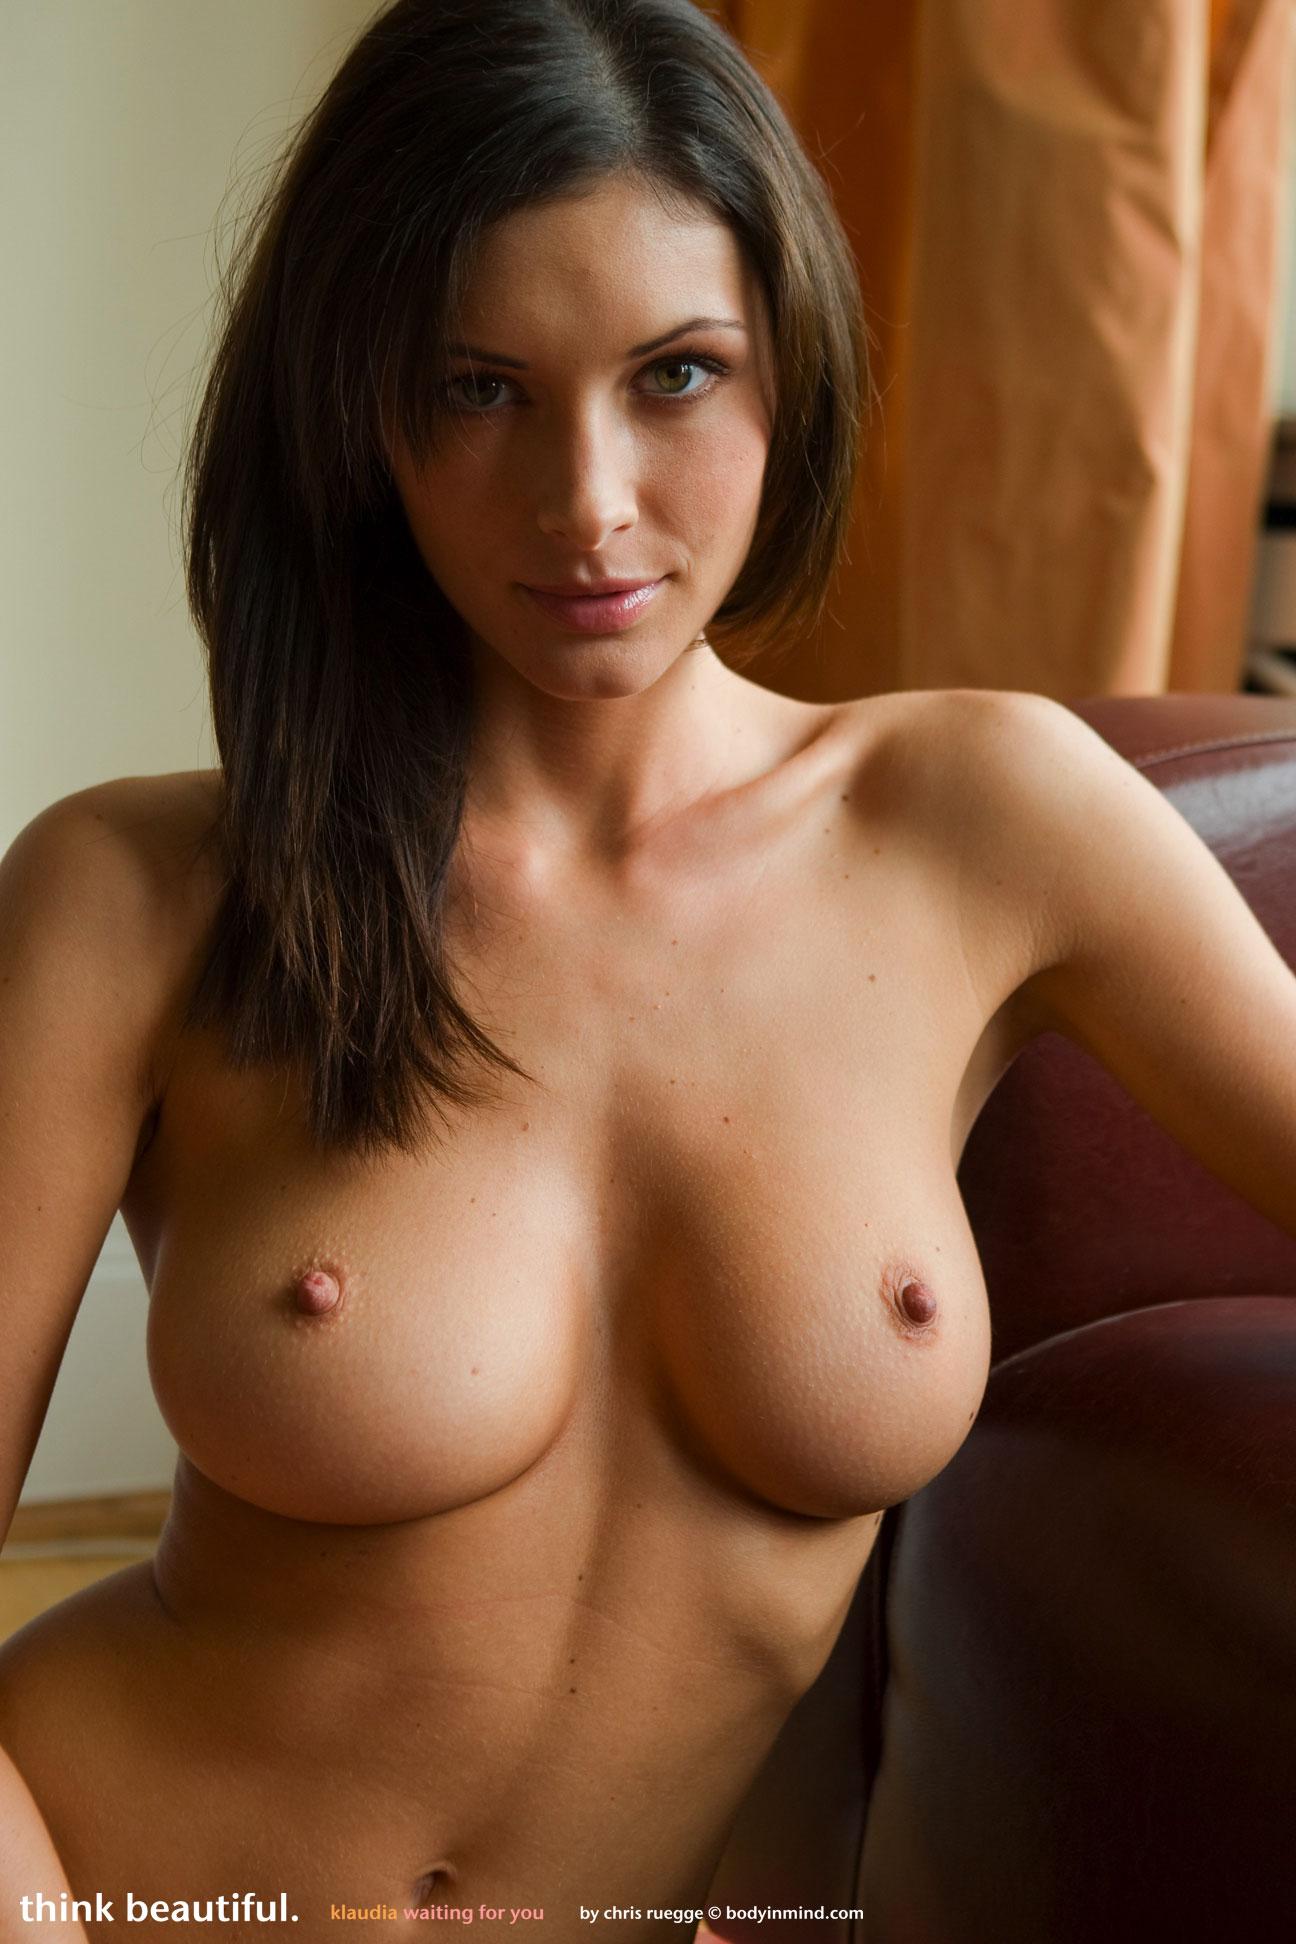 beautiful women butts naked